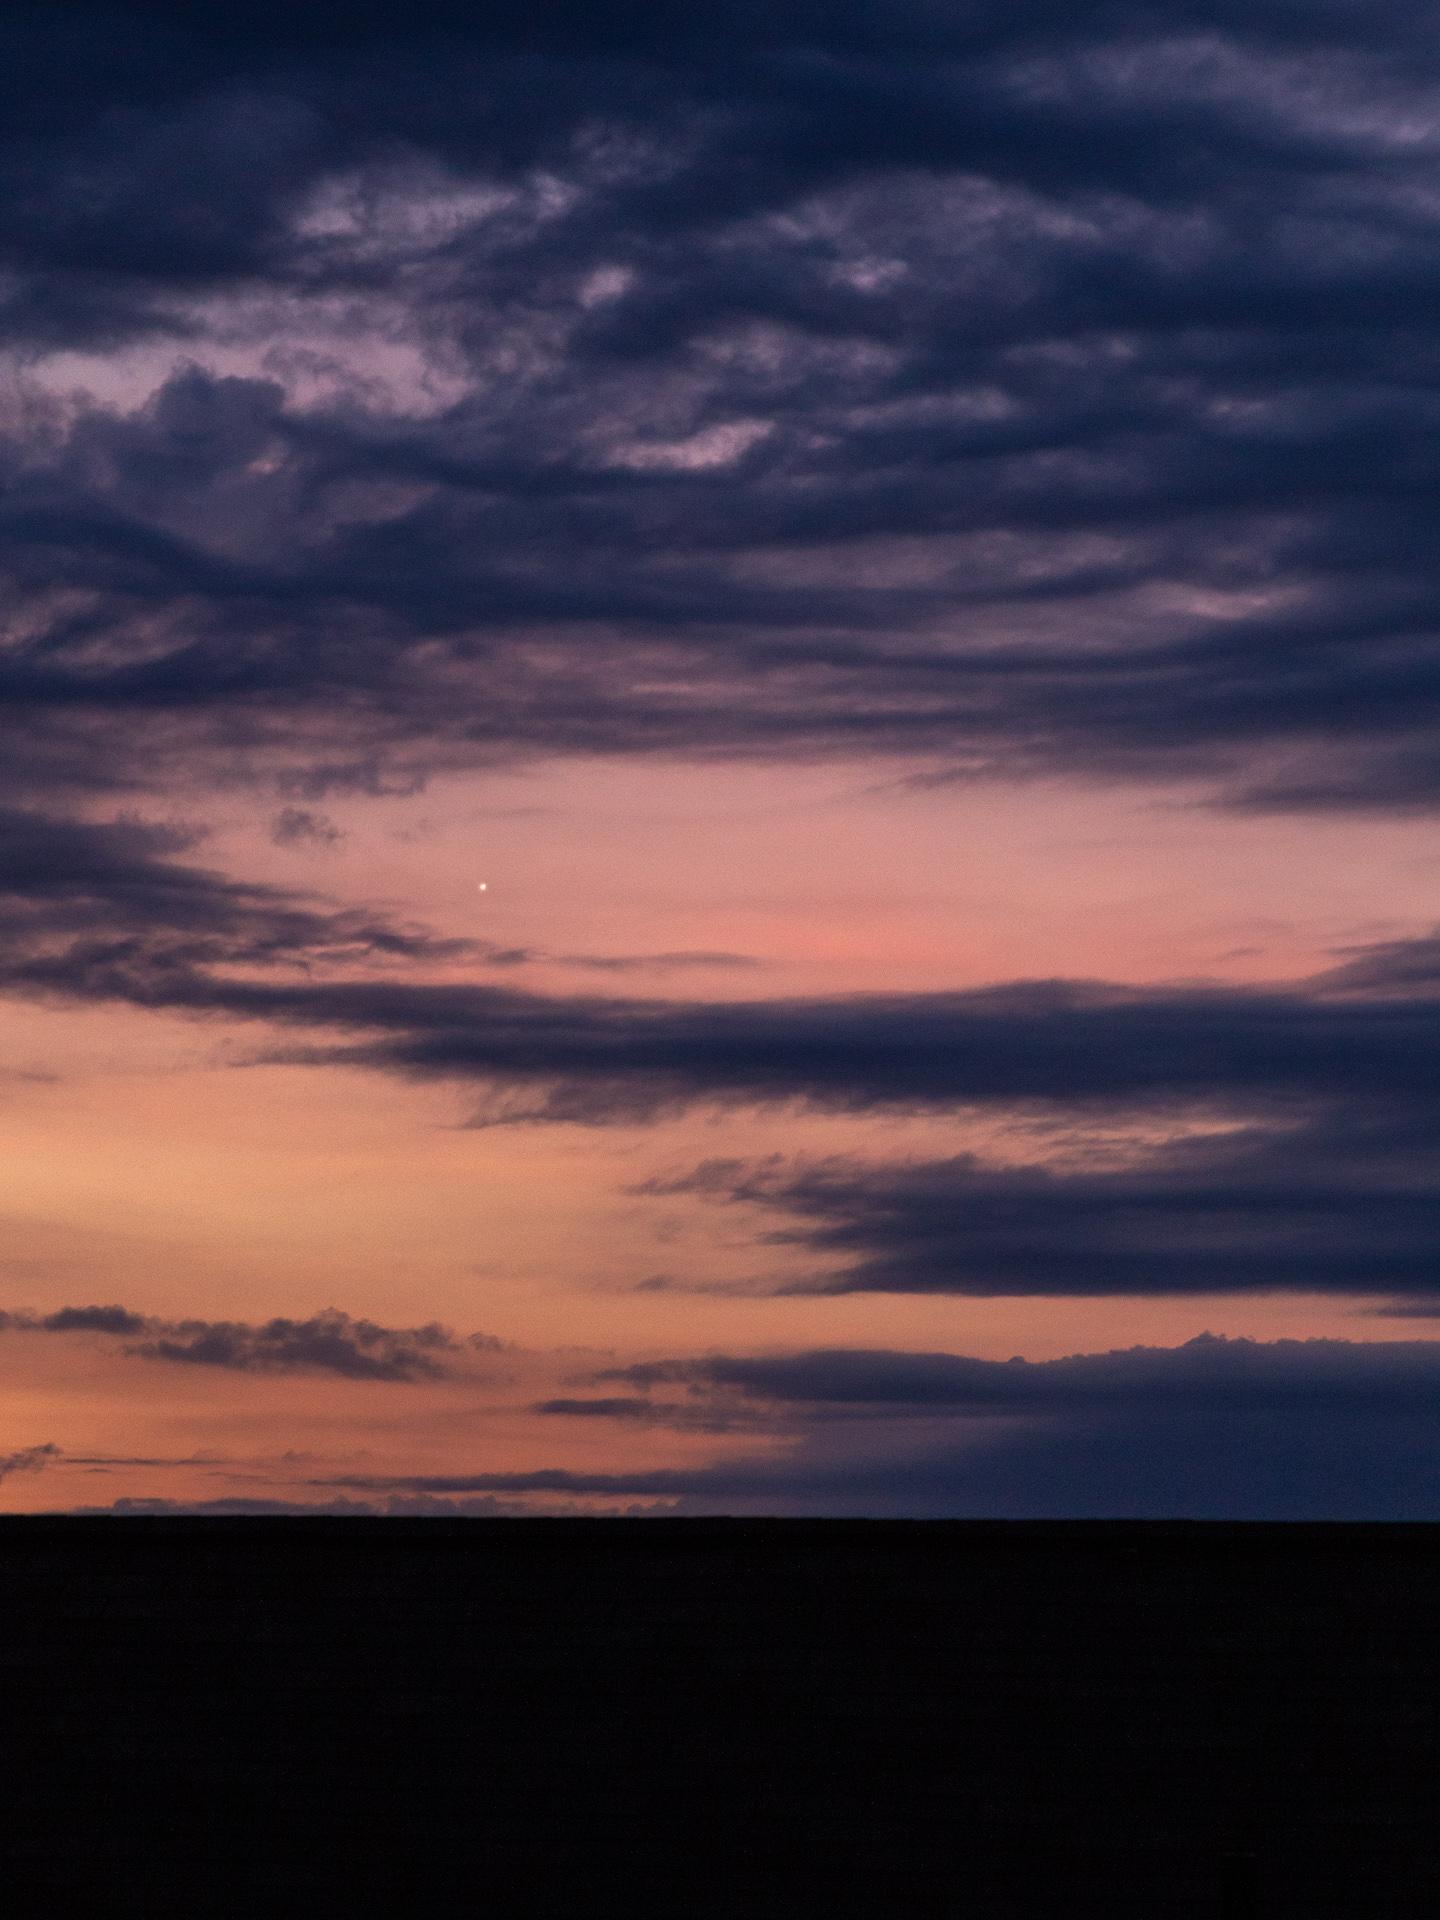 Venus before Sunrise | 20190527 0527 E:38.96x77.00@84m